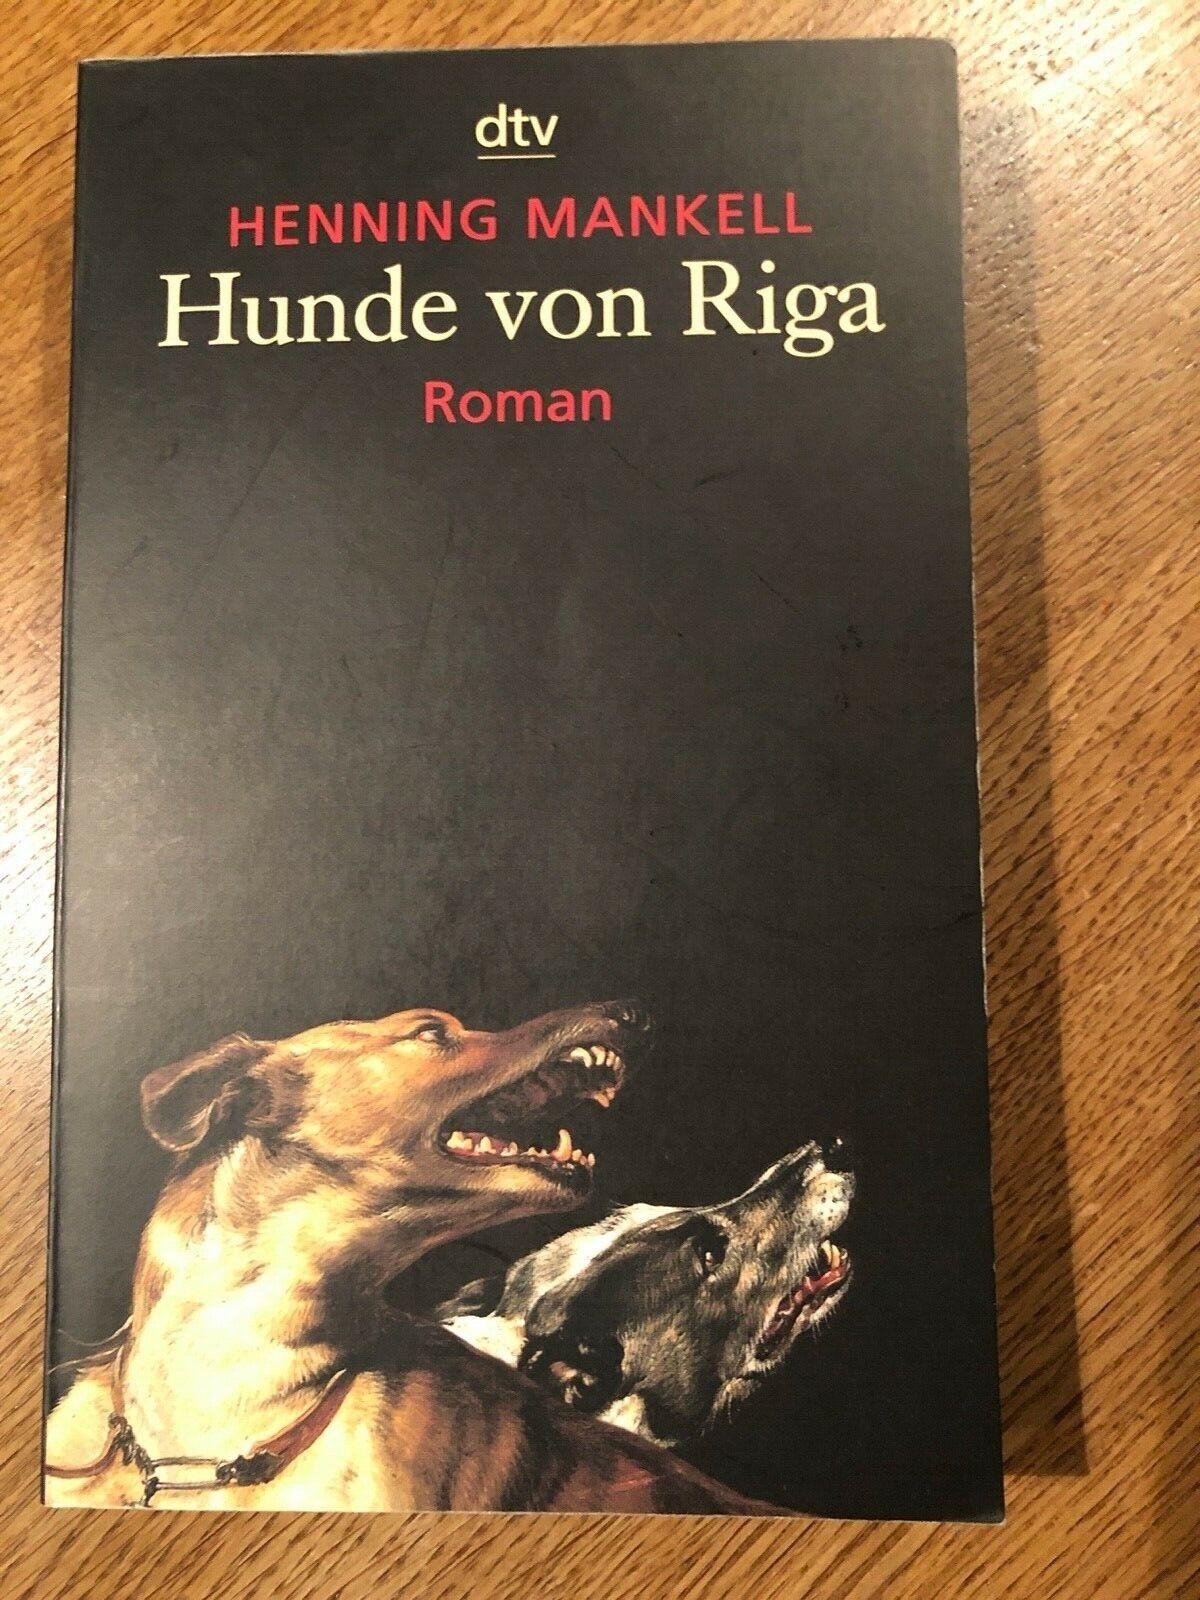 Hunde von Riga, Henning Mankell